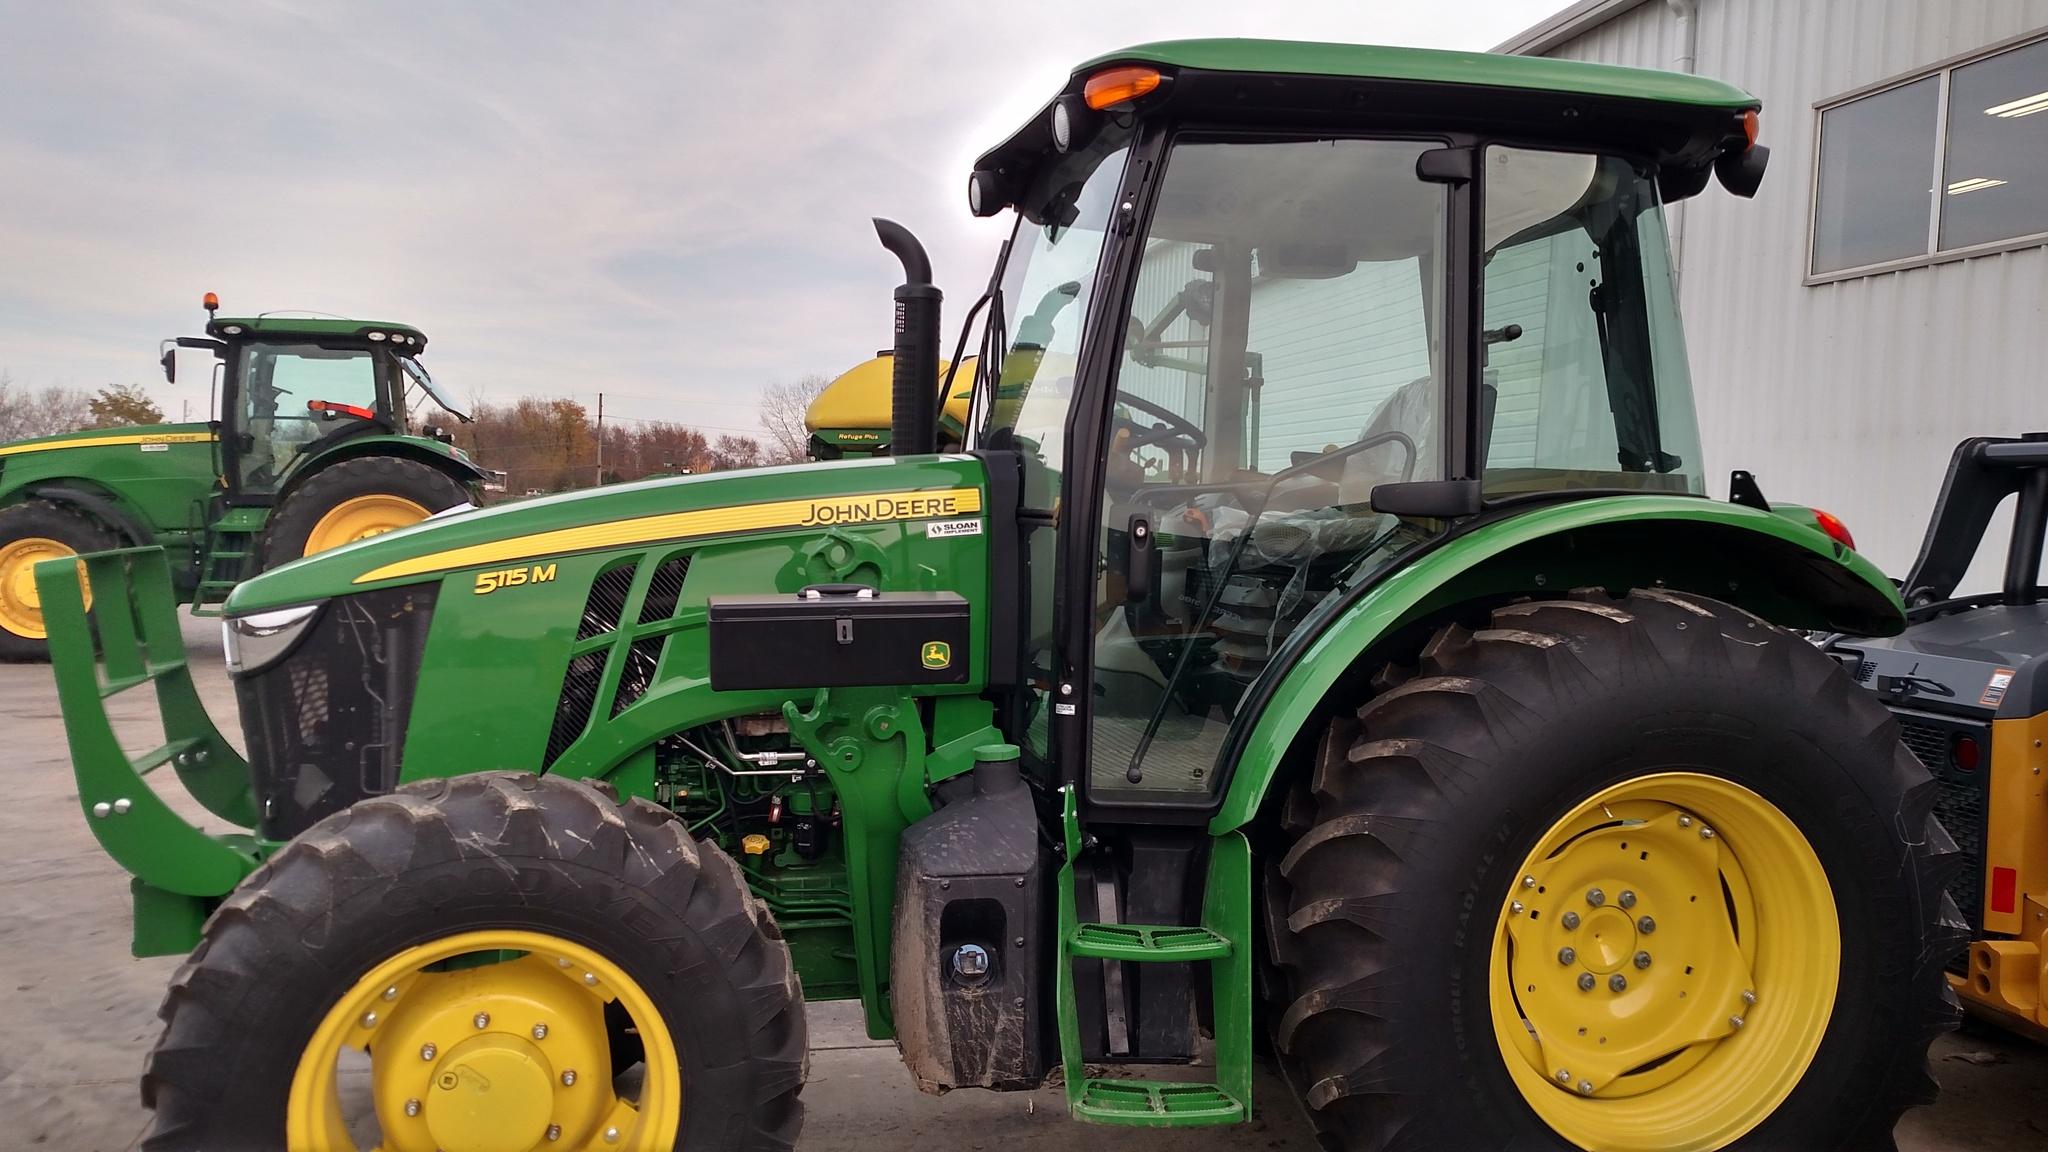 John Deere 6140d Specs : John deere m utility tractors for sale